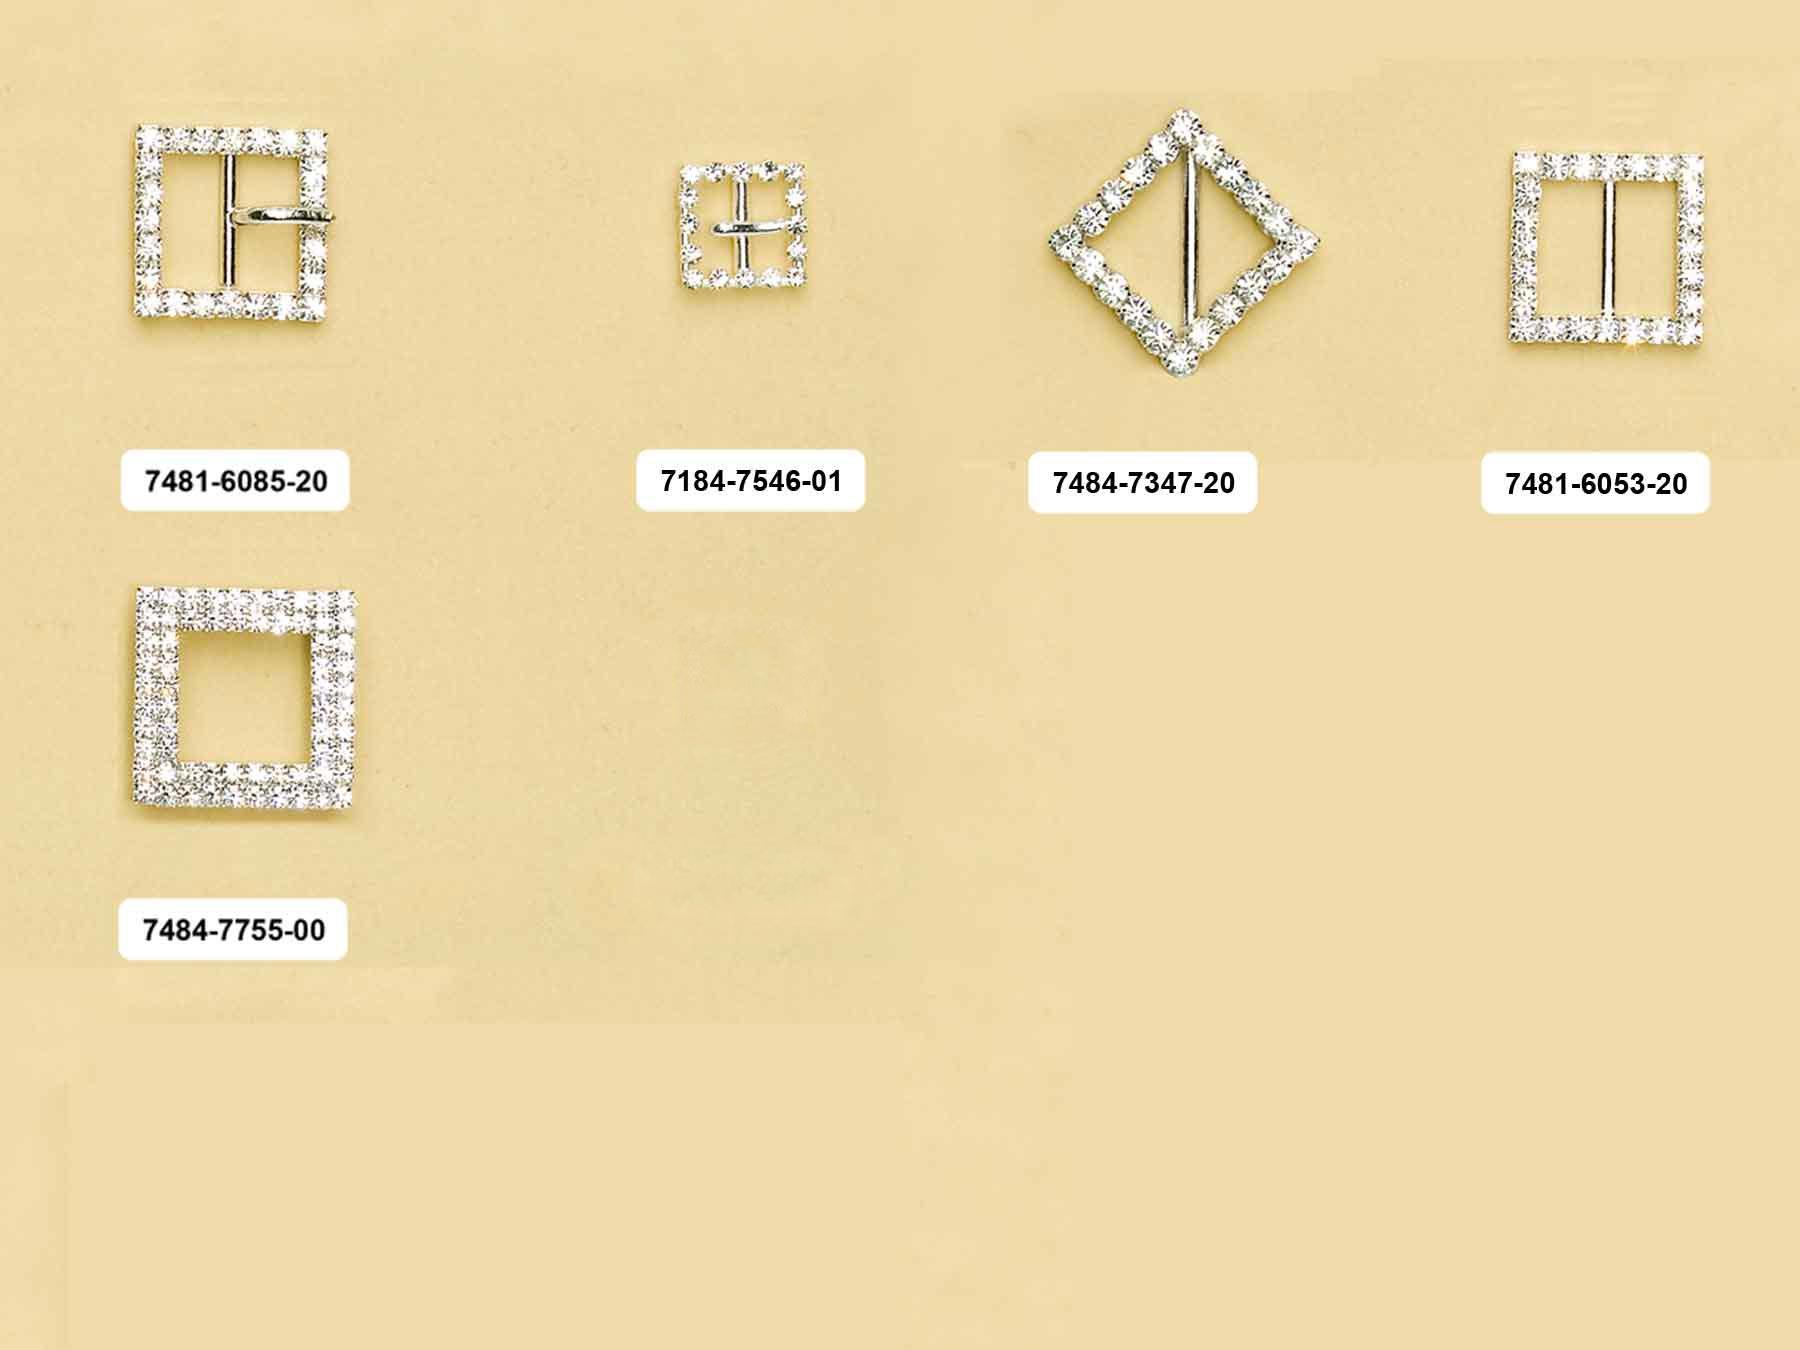 Fibbie quadrate con pietre incastonate